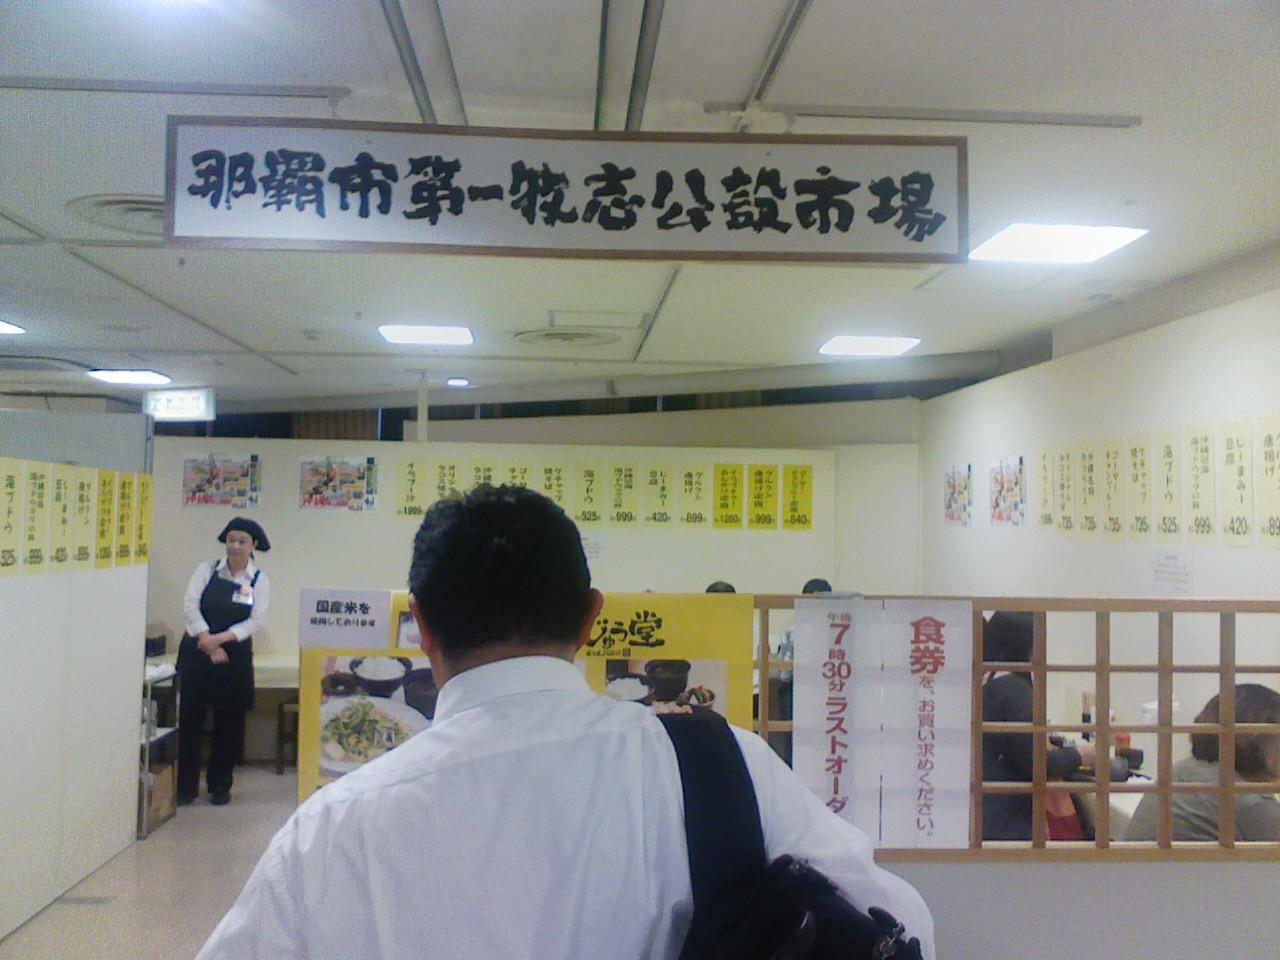 「八重泉」「御酒」「沖縄県酒造組合」_c0061686_6202274.jpg